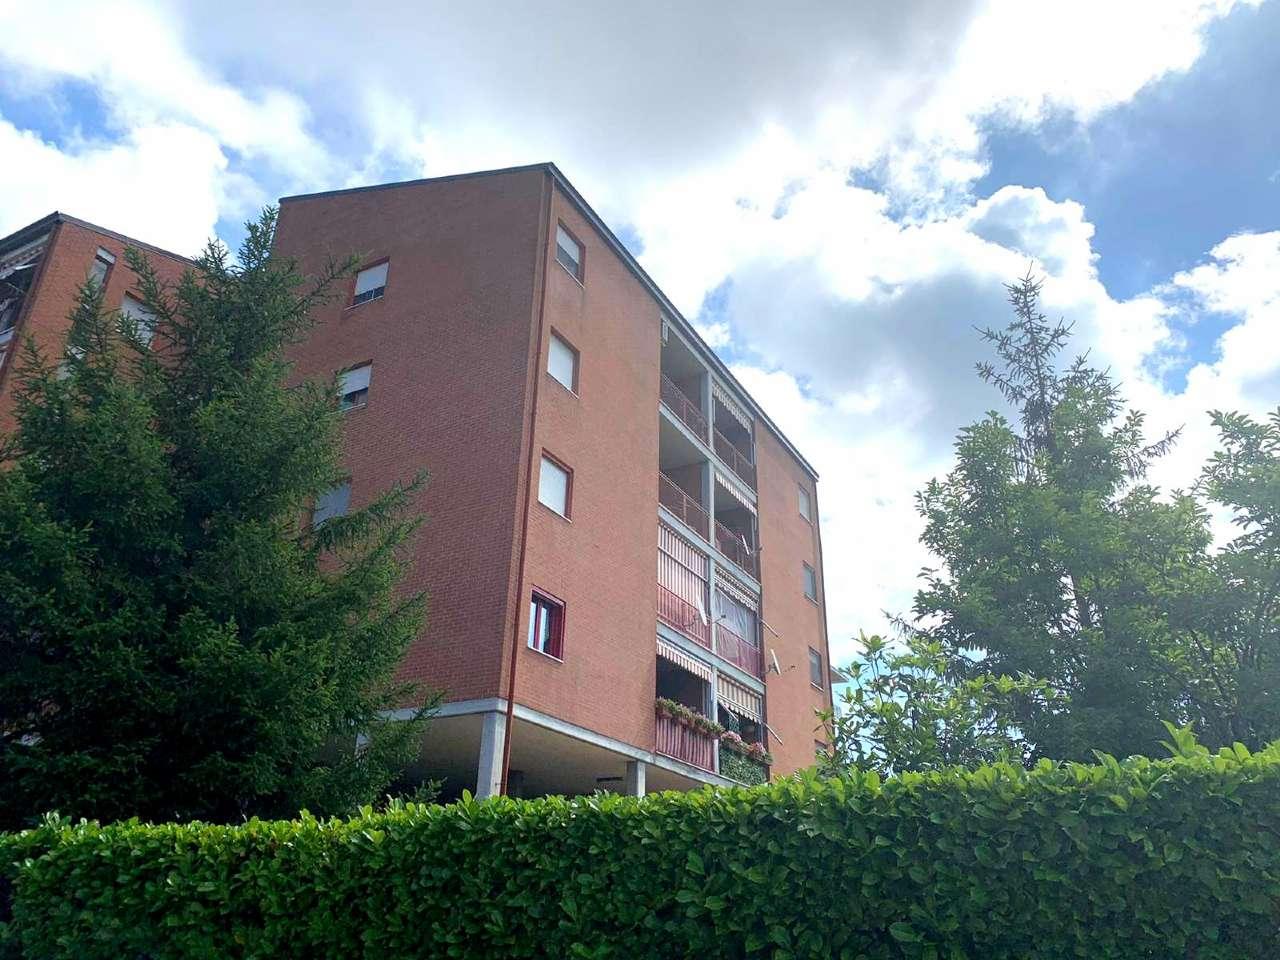 Appartamento in vendita a Chieri, 3 locali, prezzo € 113.000 | CambioCasa.it